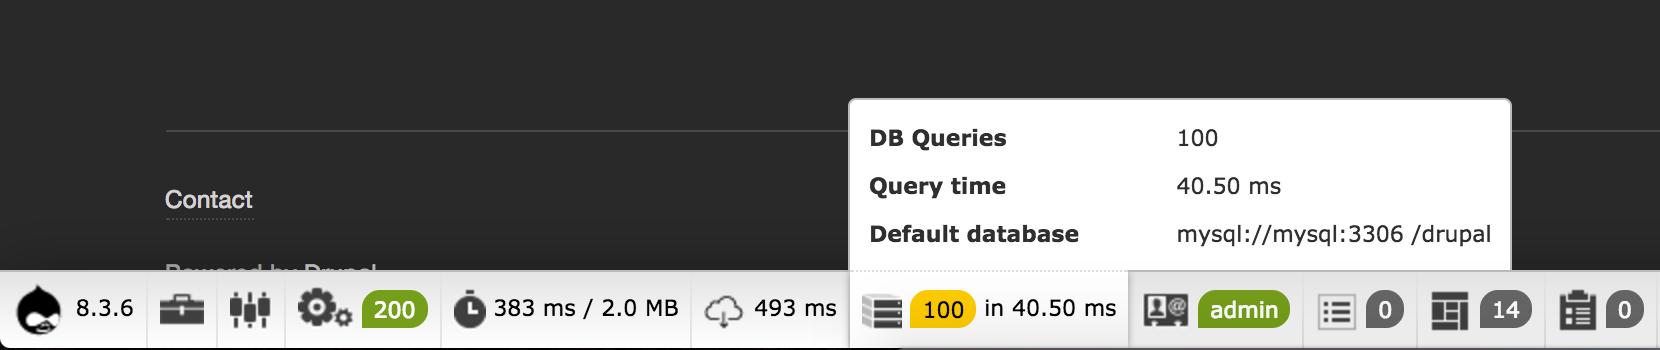 Devel Releases 1 0 for Drupal 8